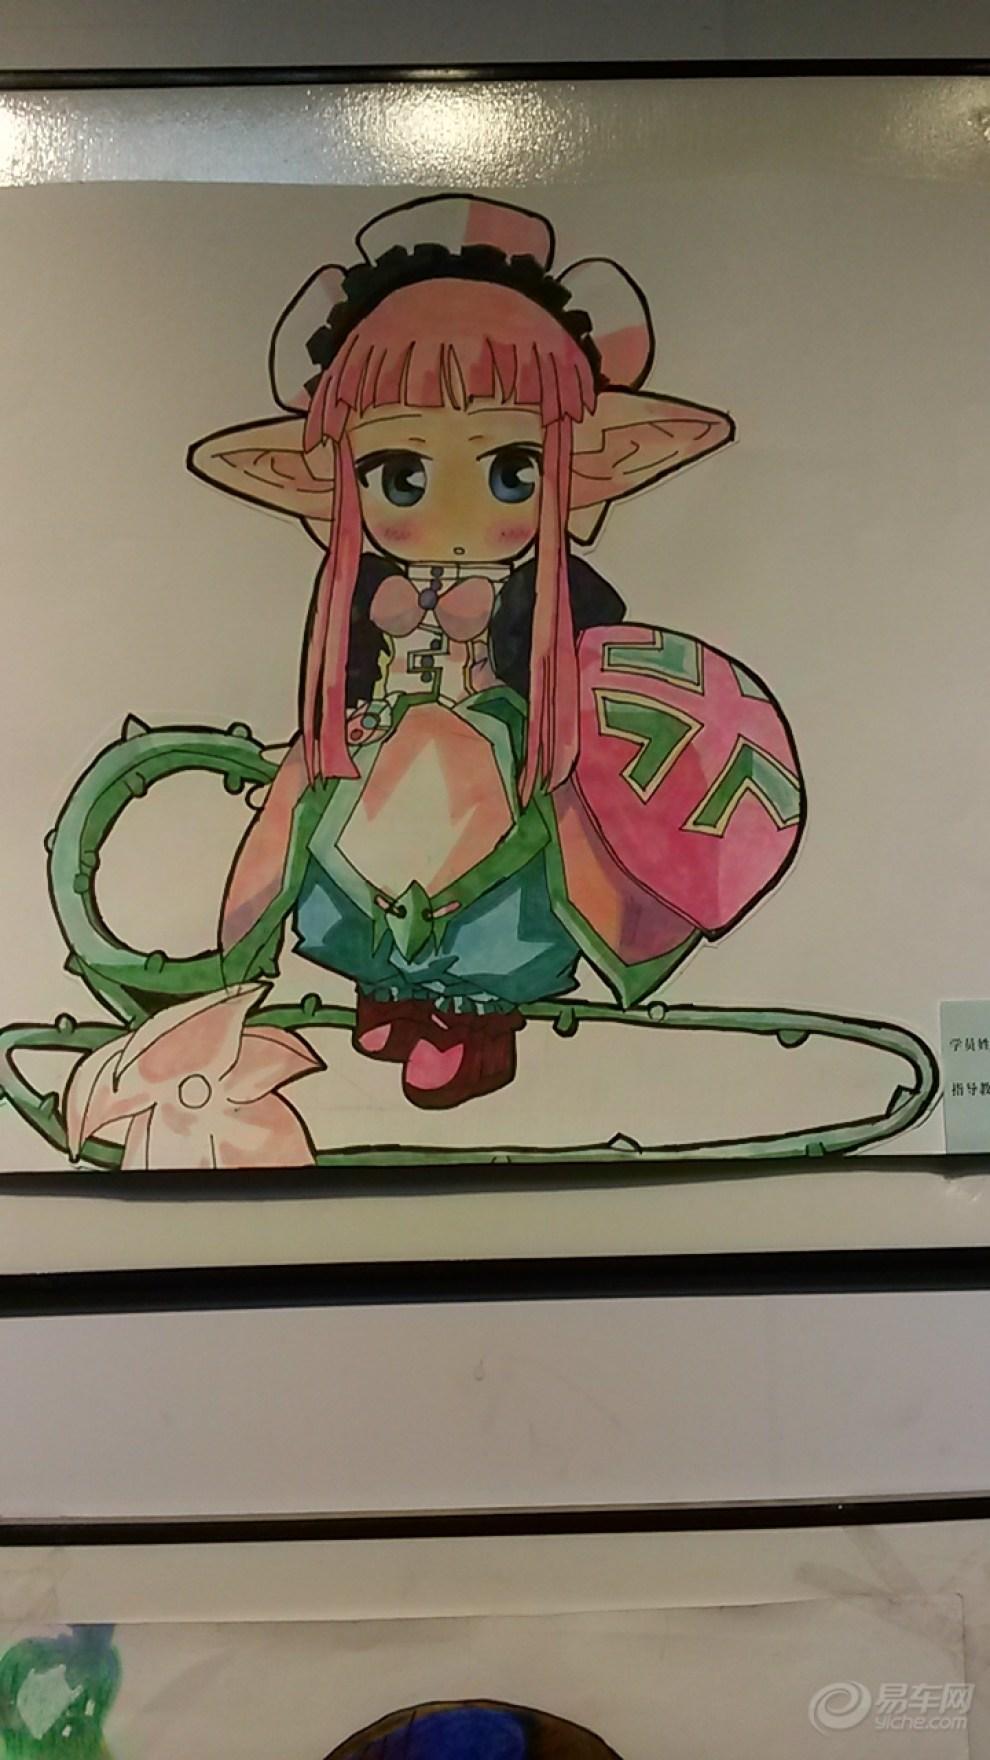 【【孩子动漫画作品欣赏】】_安徽漫画图片集的论坛隐藏心》《图片